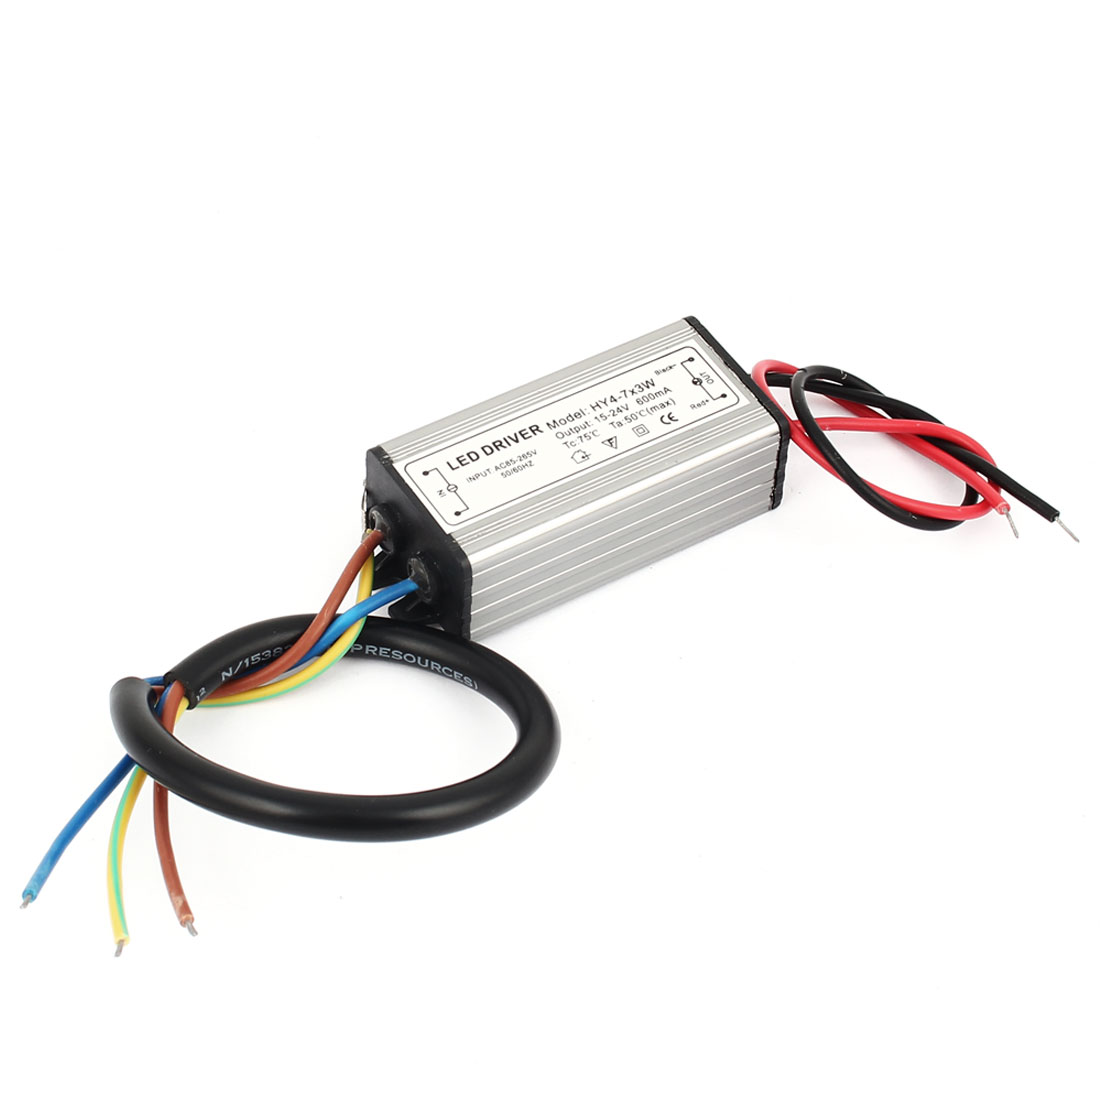 21W Power Supply AC 85-265V Input DC 15-24V 600mA Output LED Driver